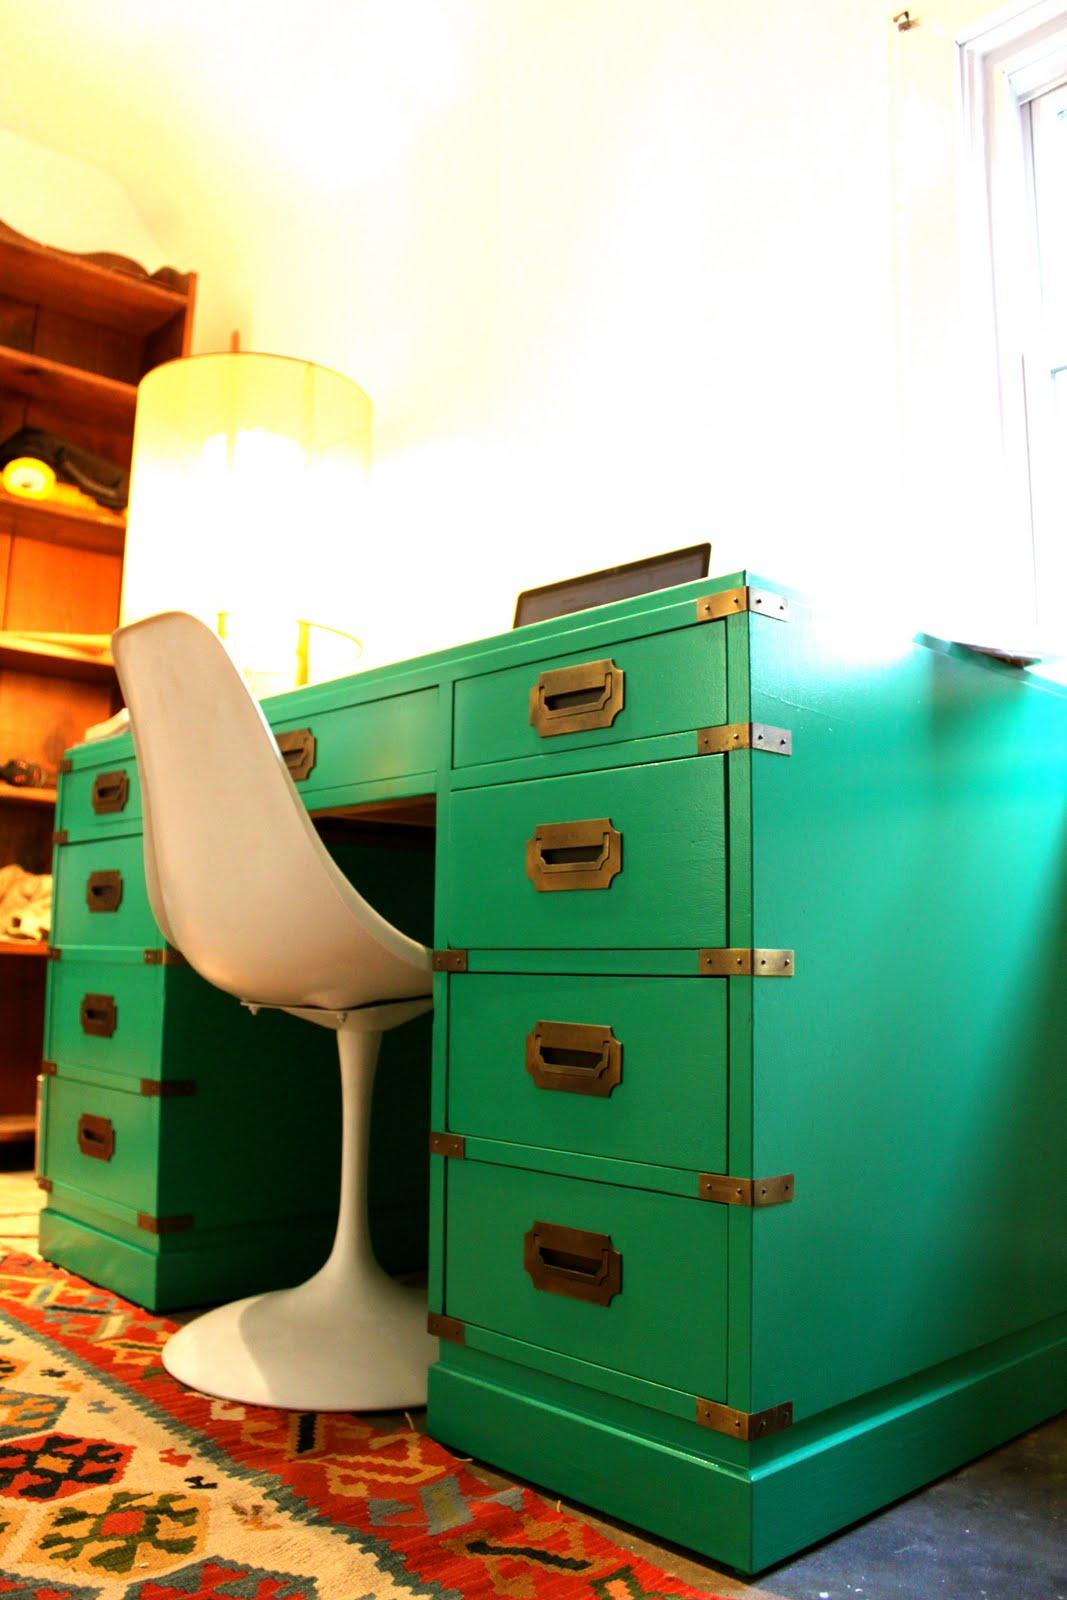 modernhaus campaign desk. Black Bedroom Furniture Sets. Home Design Ideas